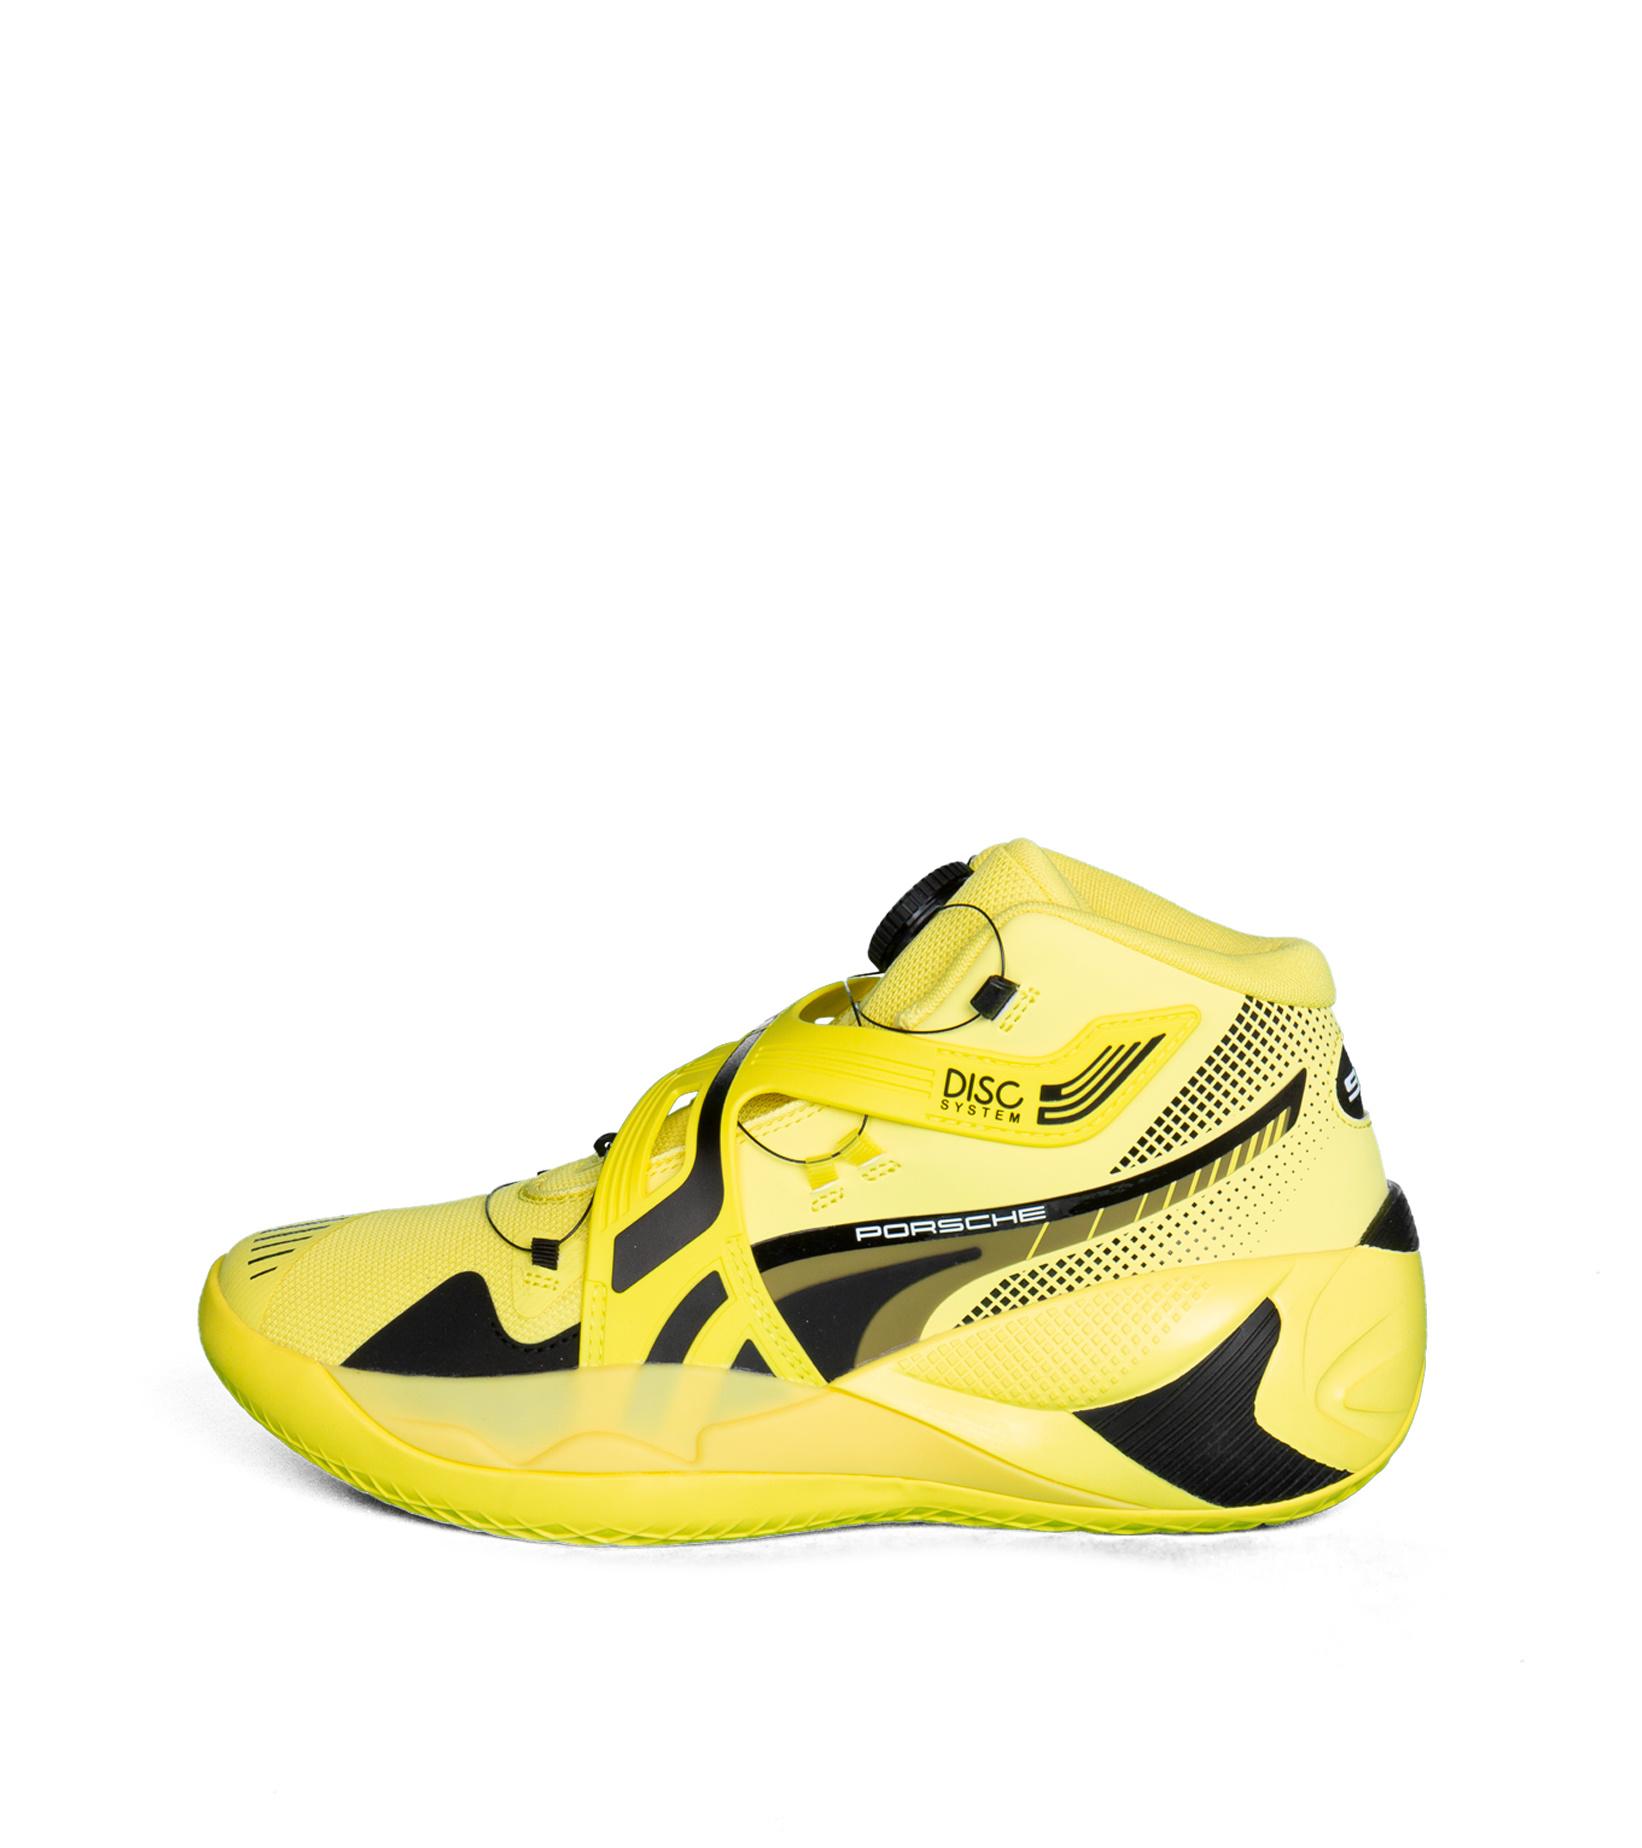 """Disc Rebirth x Porsche """"Yellow""""-3"""